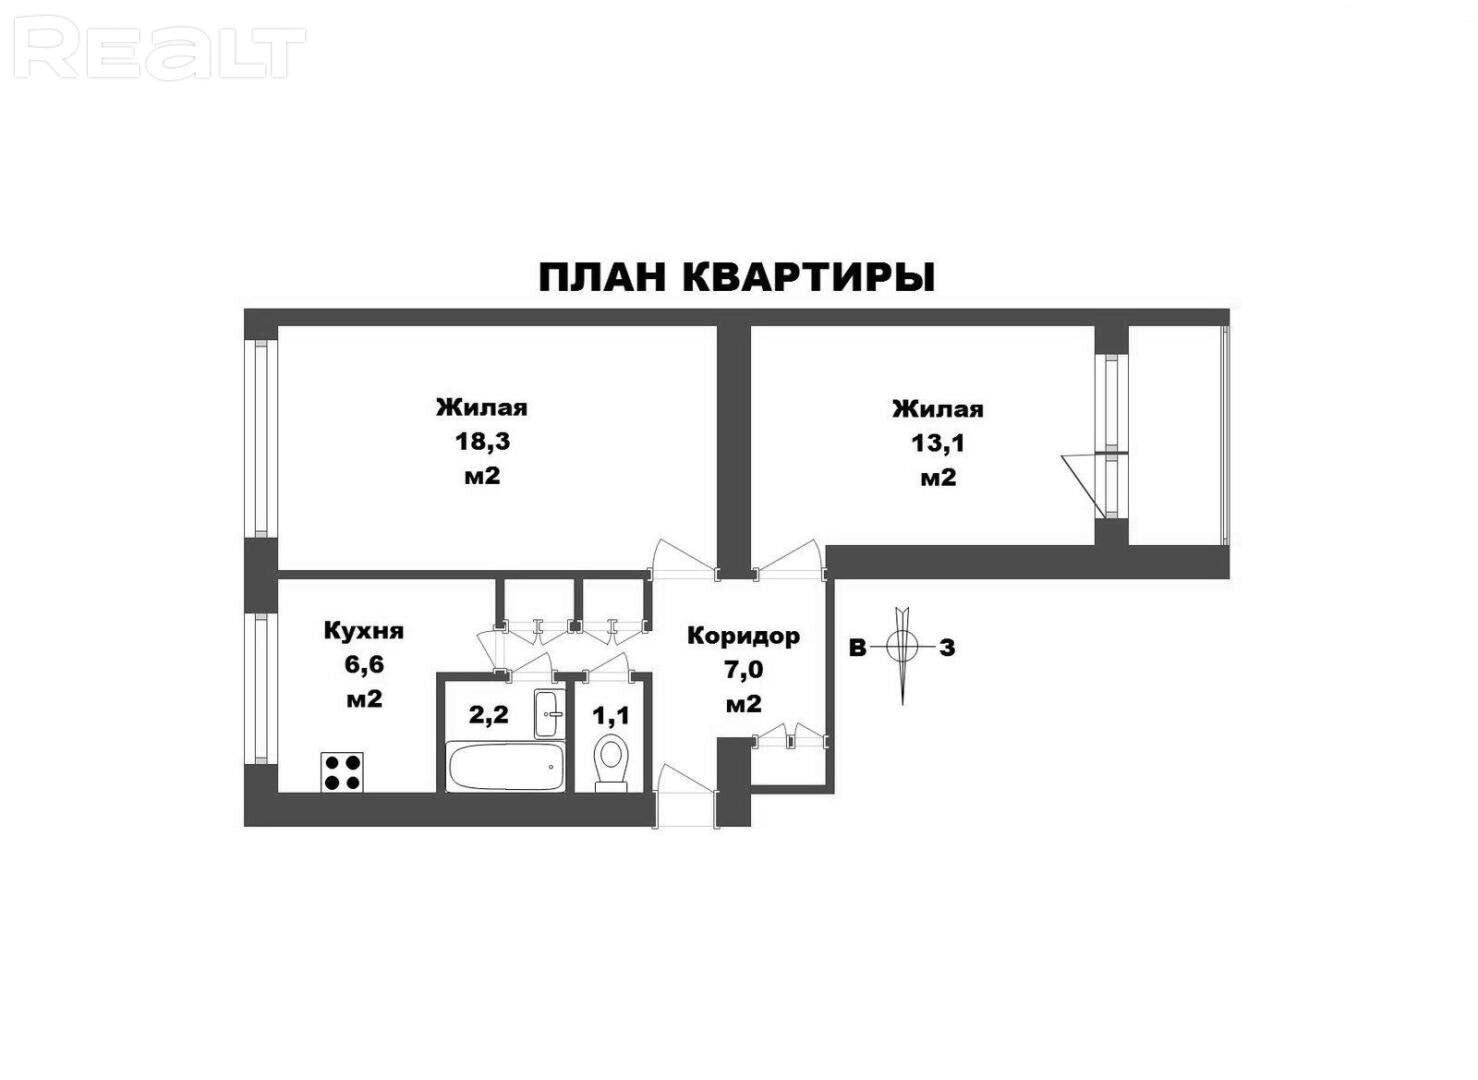 Расположение-Инфраструктура-Экология-Квартира в кирпиче